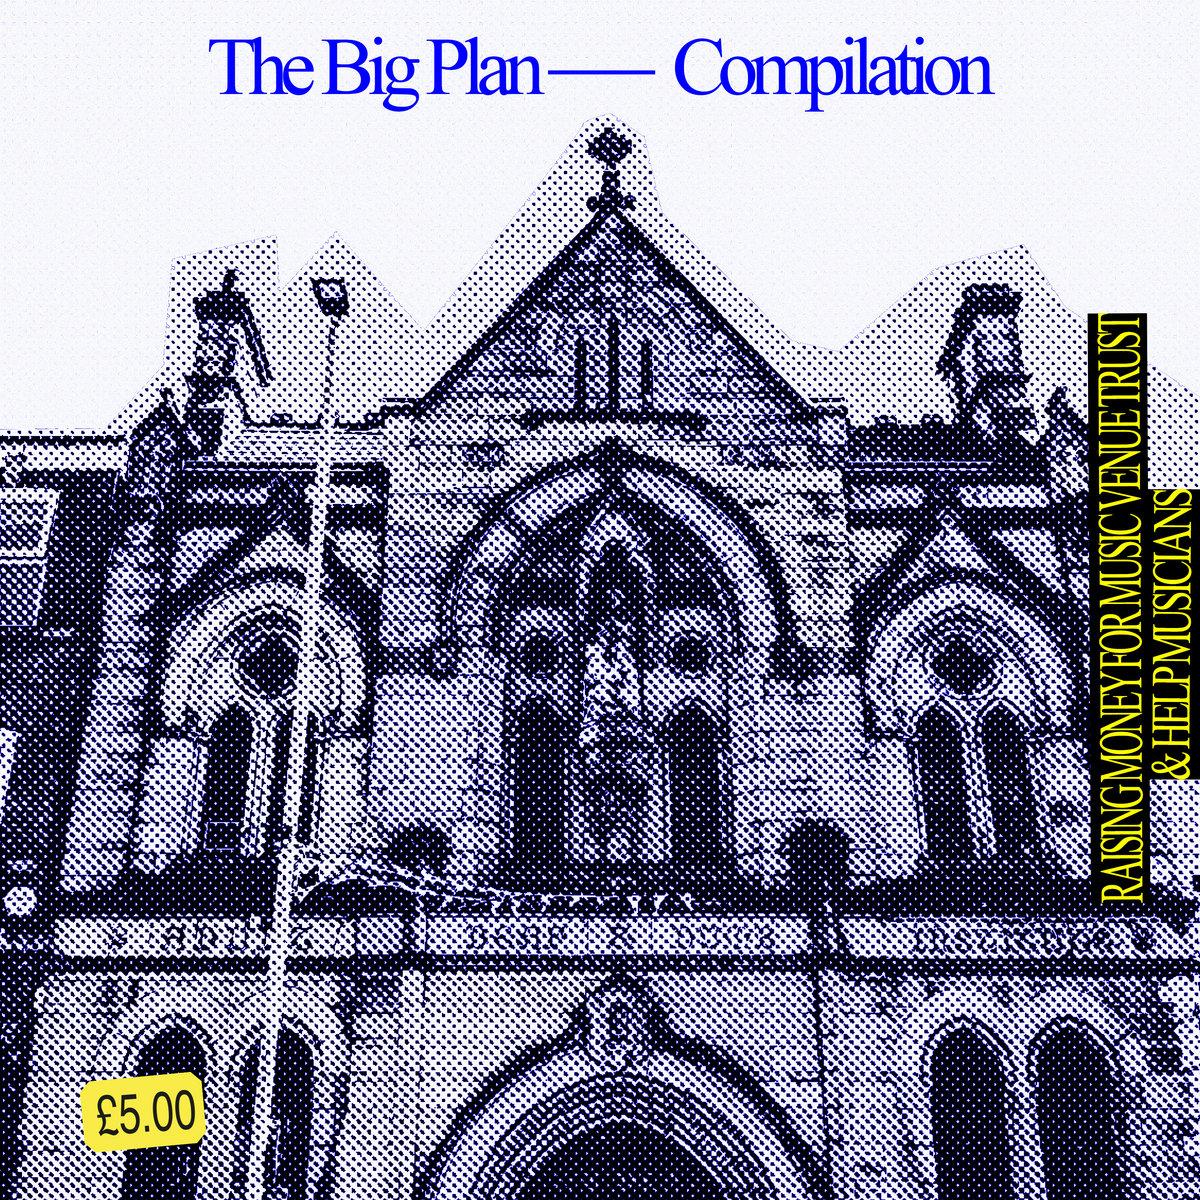 News – The Big Plan – Compilation